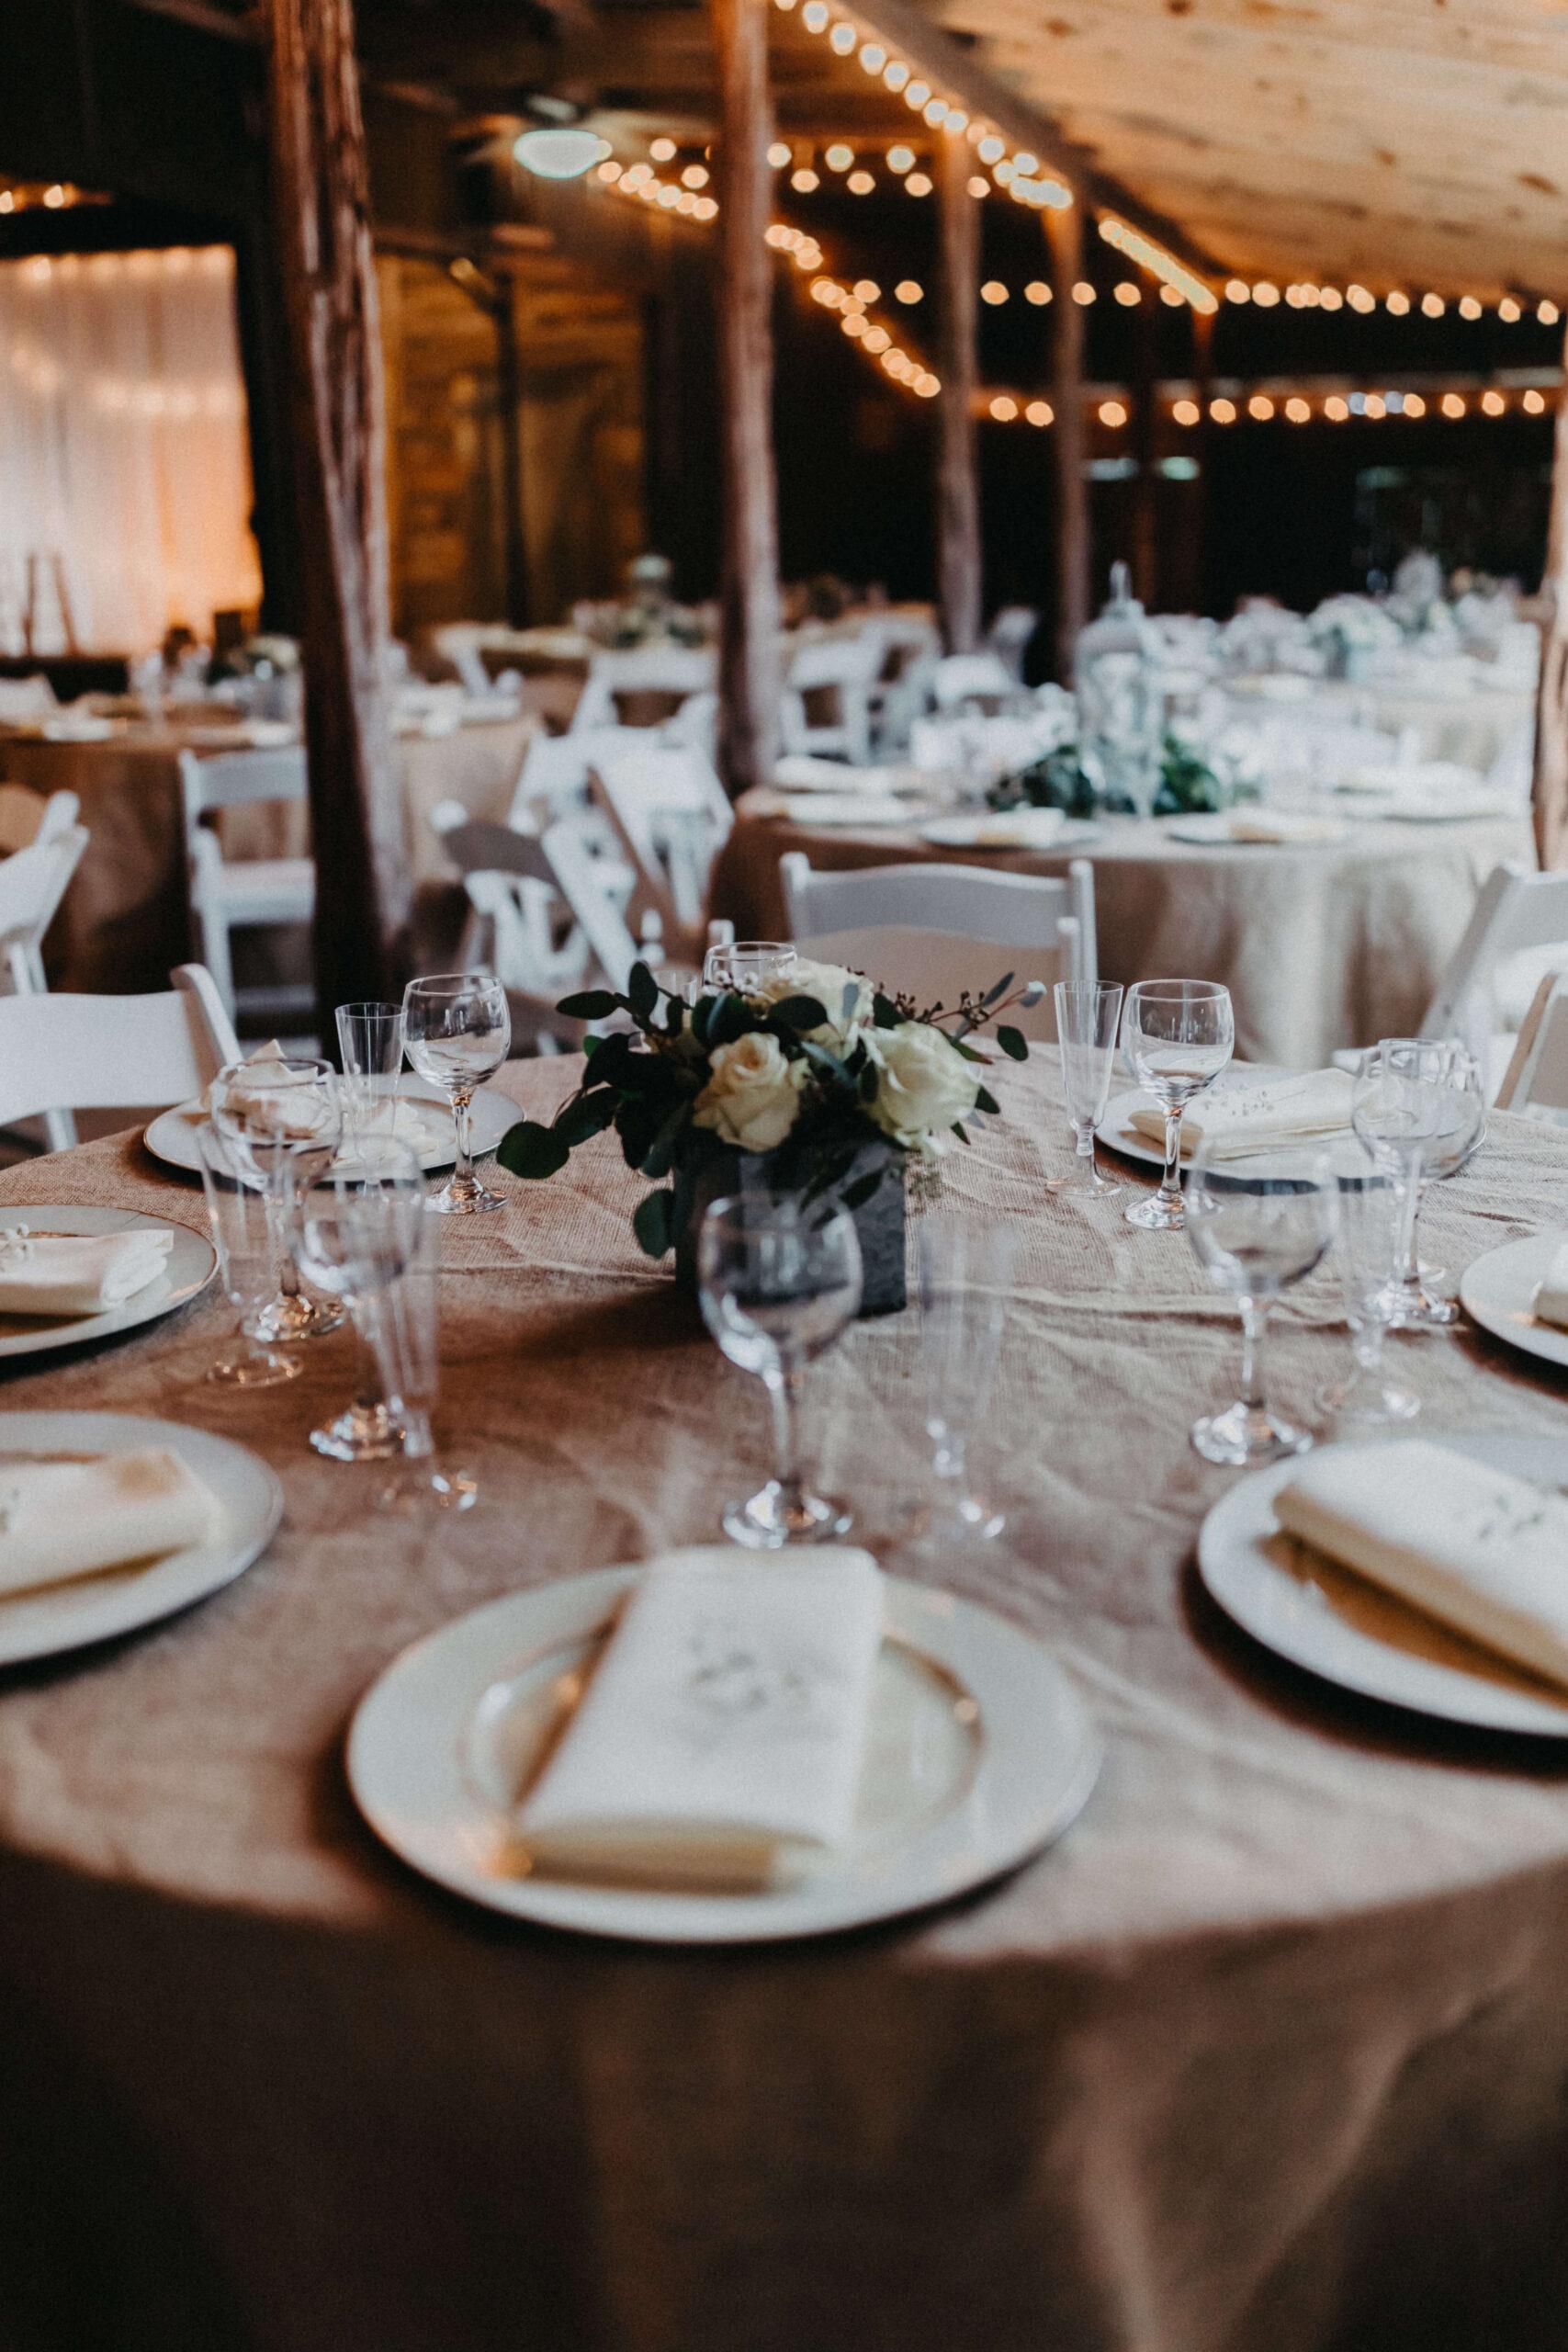 Wedding Set Up at Enchanted Springs Ranch